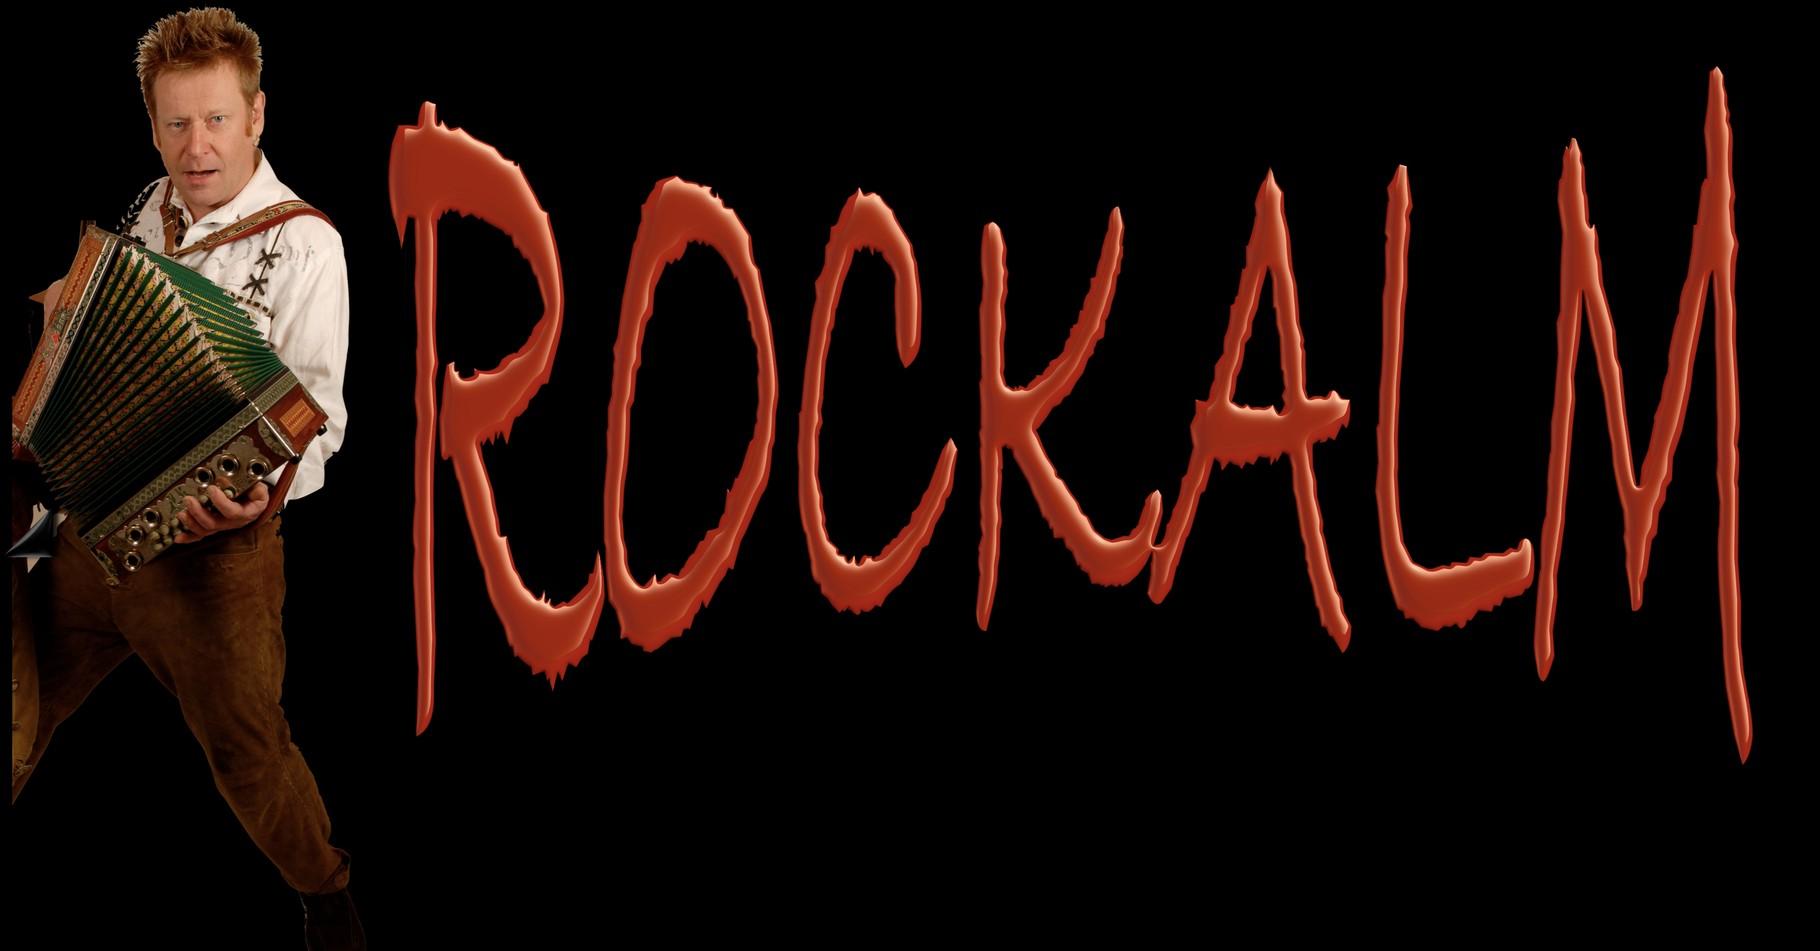 https://www.facebook.com/RockAlm.Offiziell